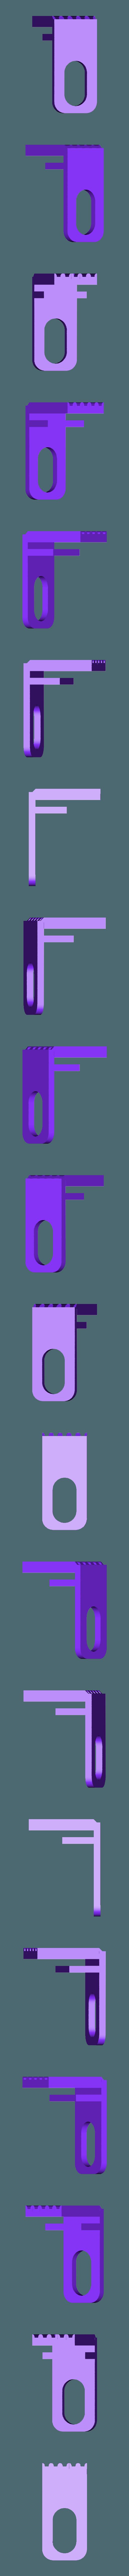 GT2-belt-tight-2.stl Télécharger fichier STL gratuit Pièces 3D pour l'imprimante Ceramic DIY • Objet à imprimer en 3D, fgeer